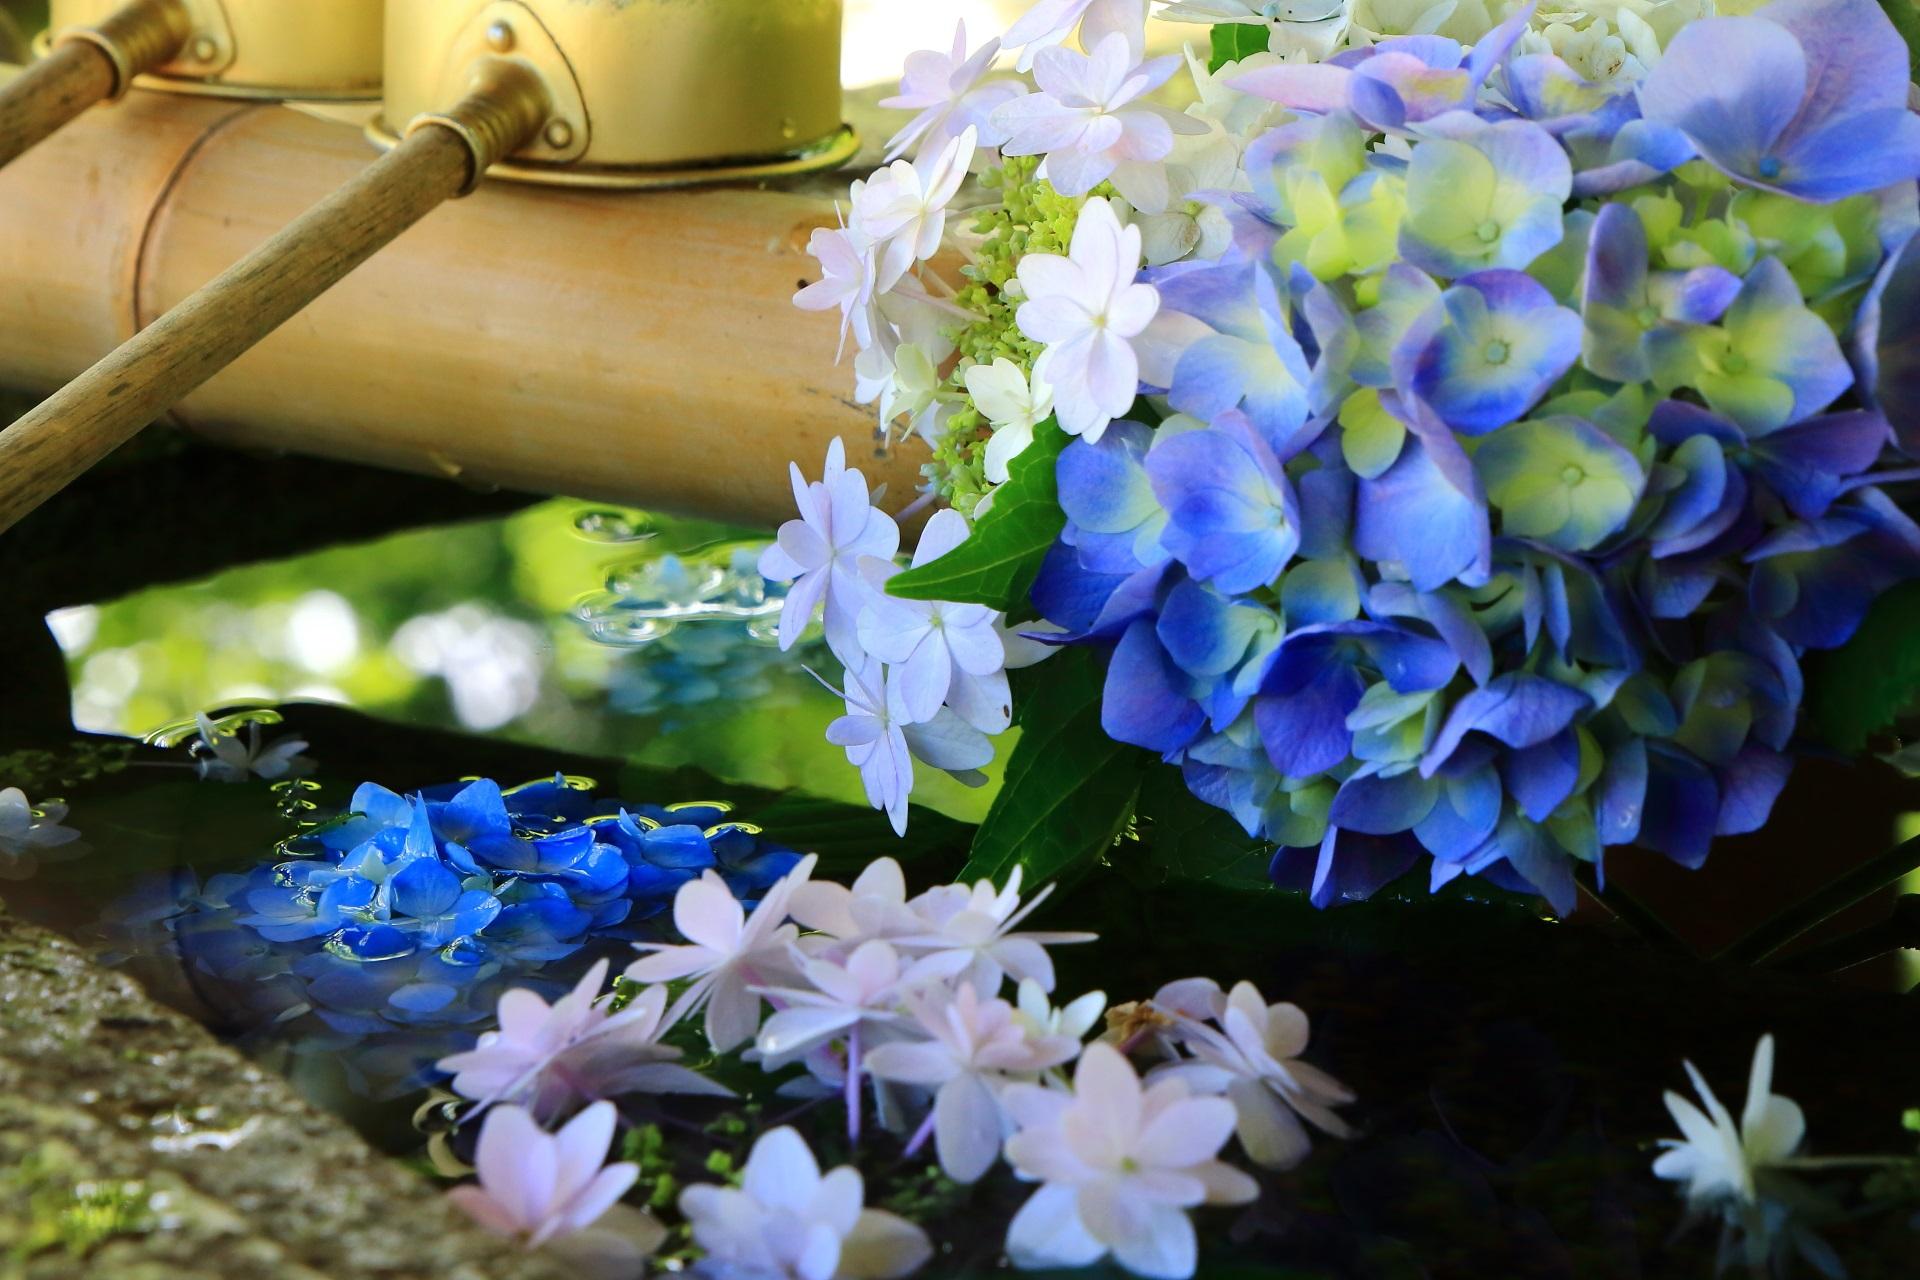 絶品の紫陽花の手水舎と鮮やかな彩り